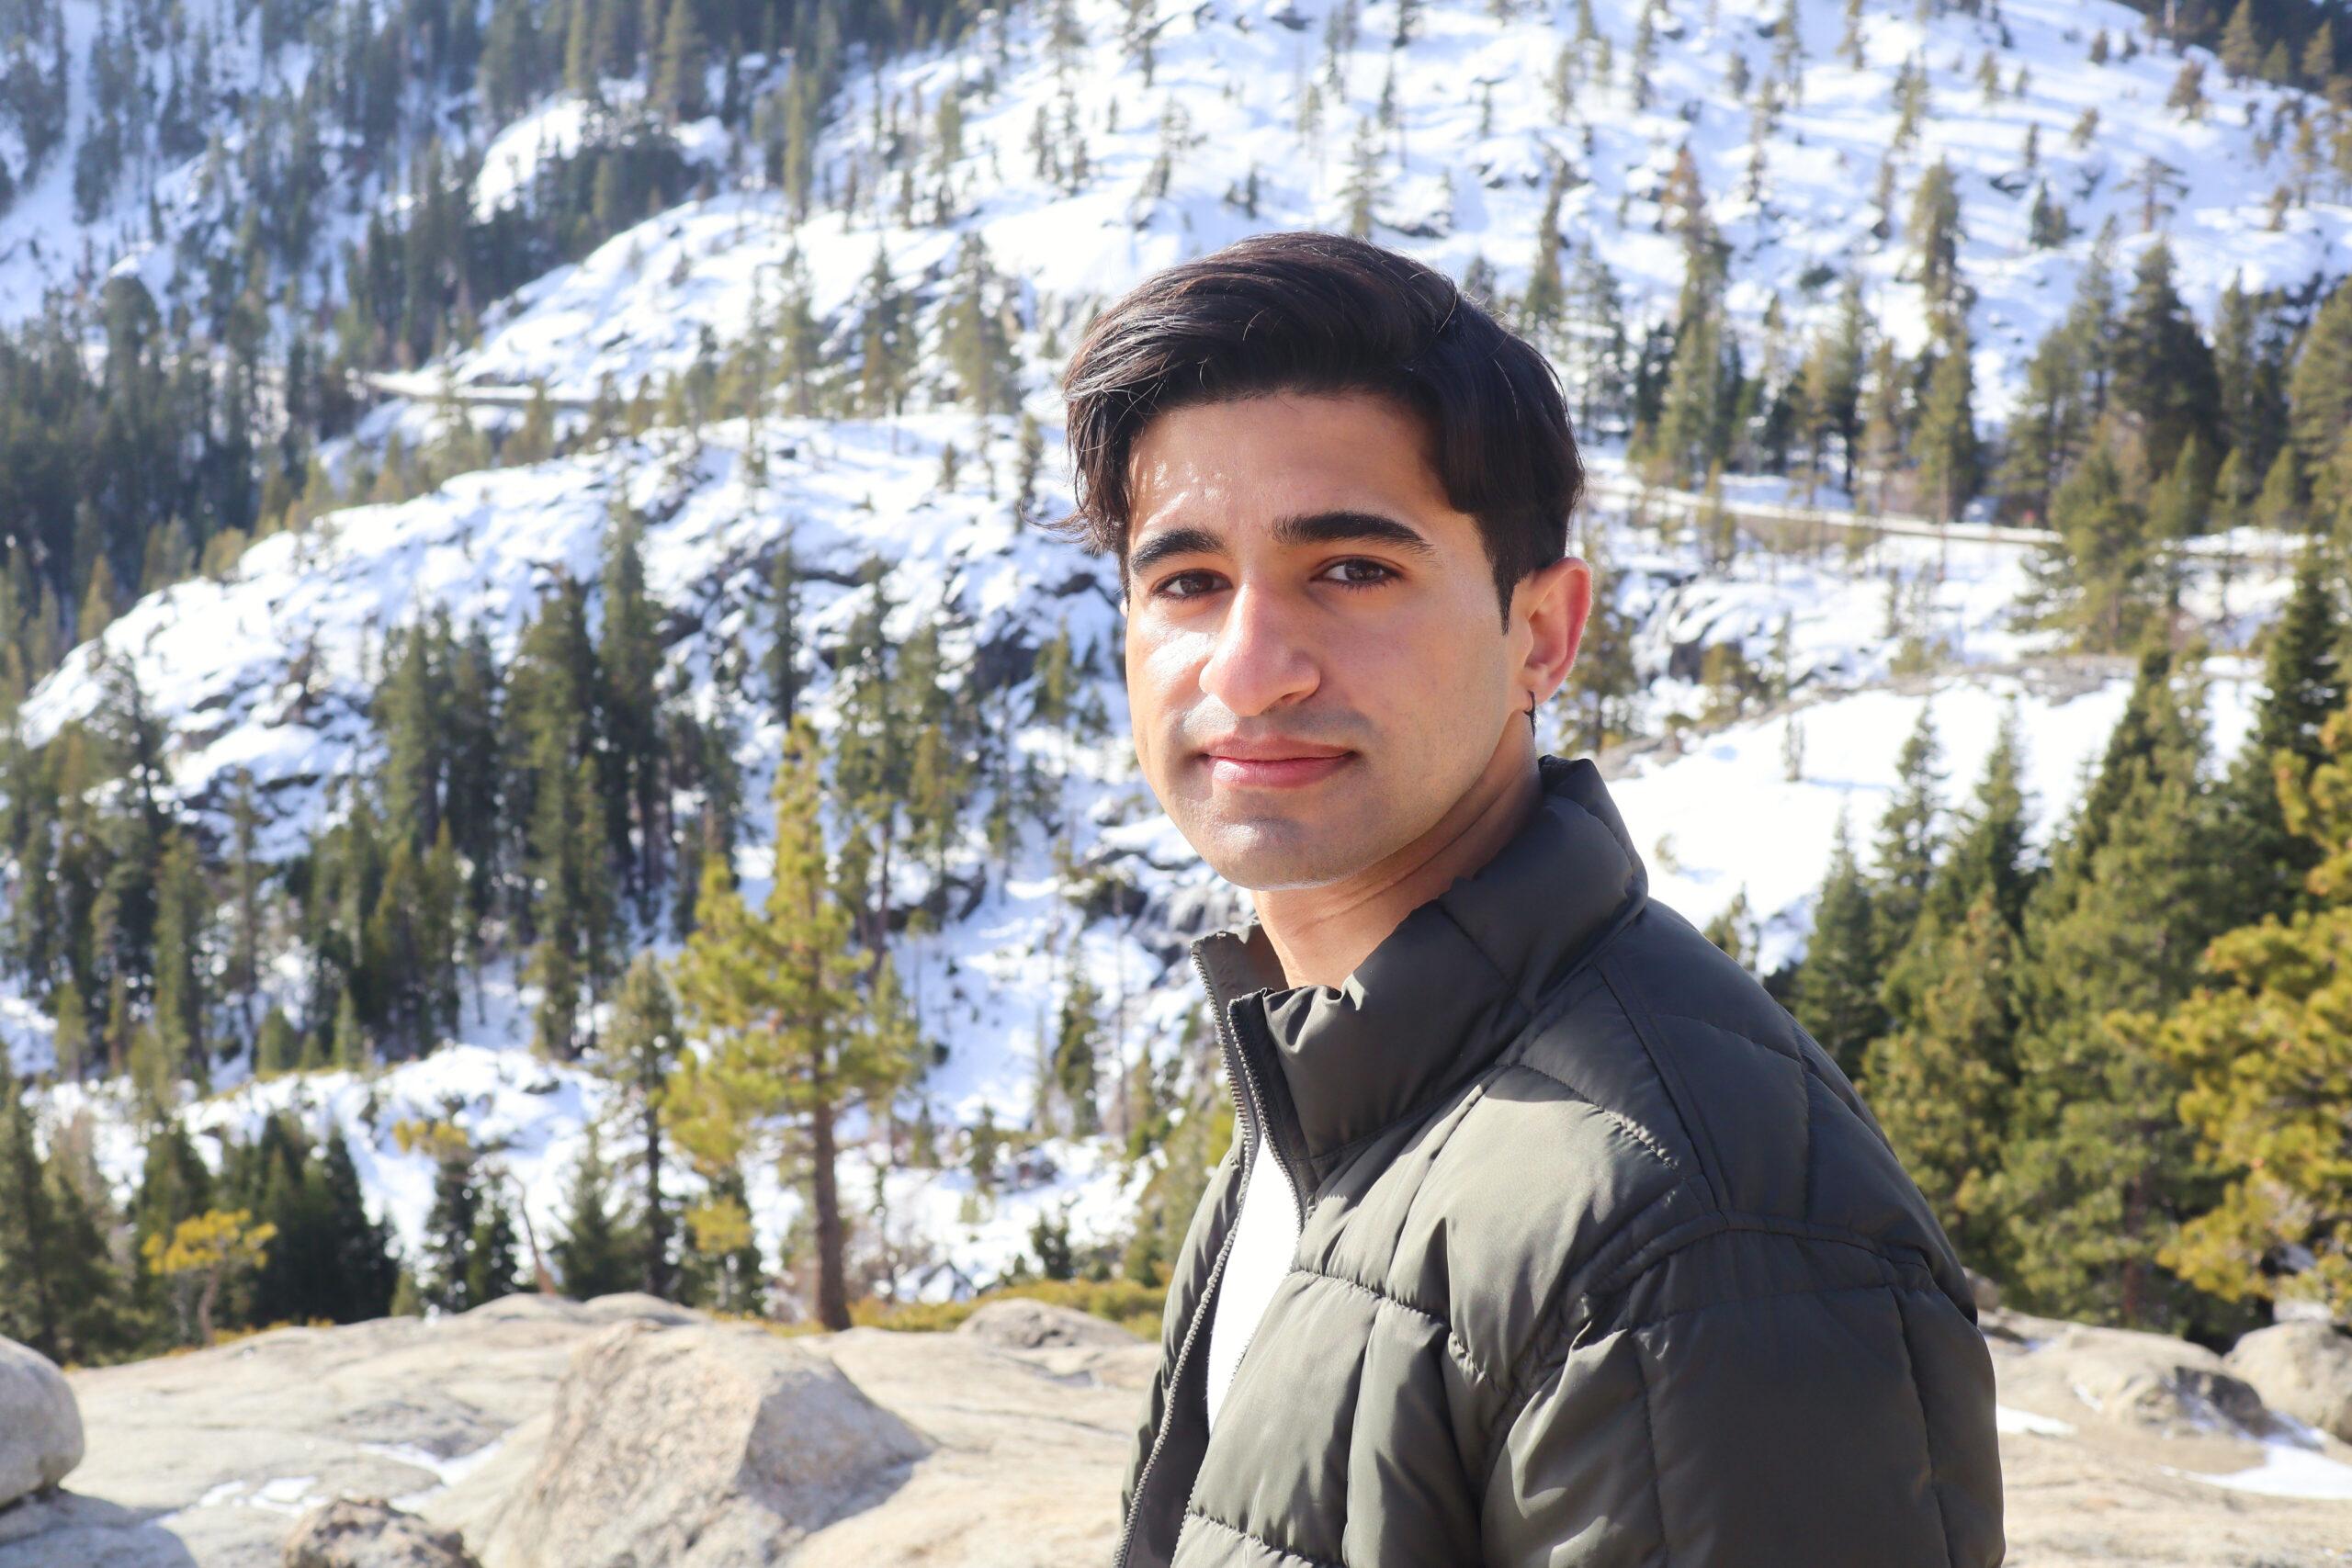 Chaudhry, Nabig